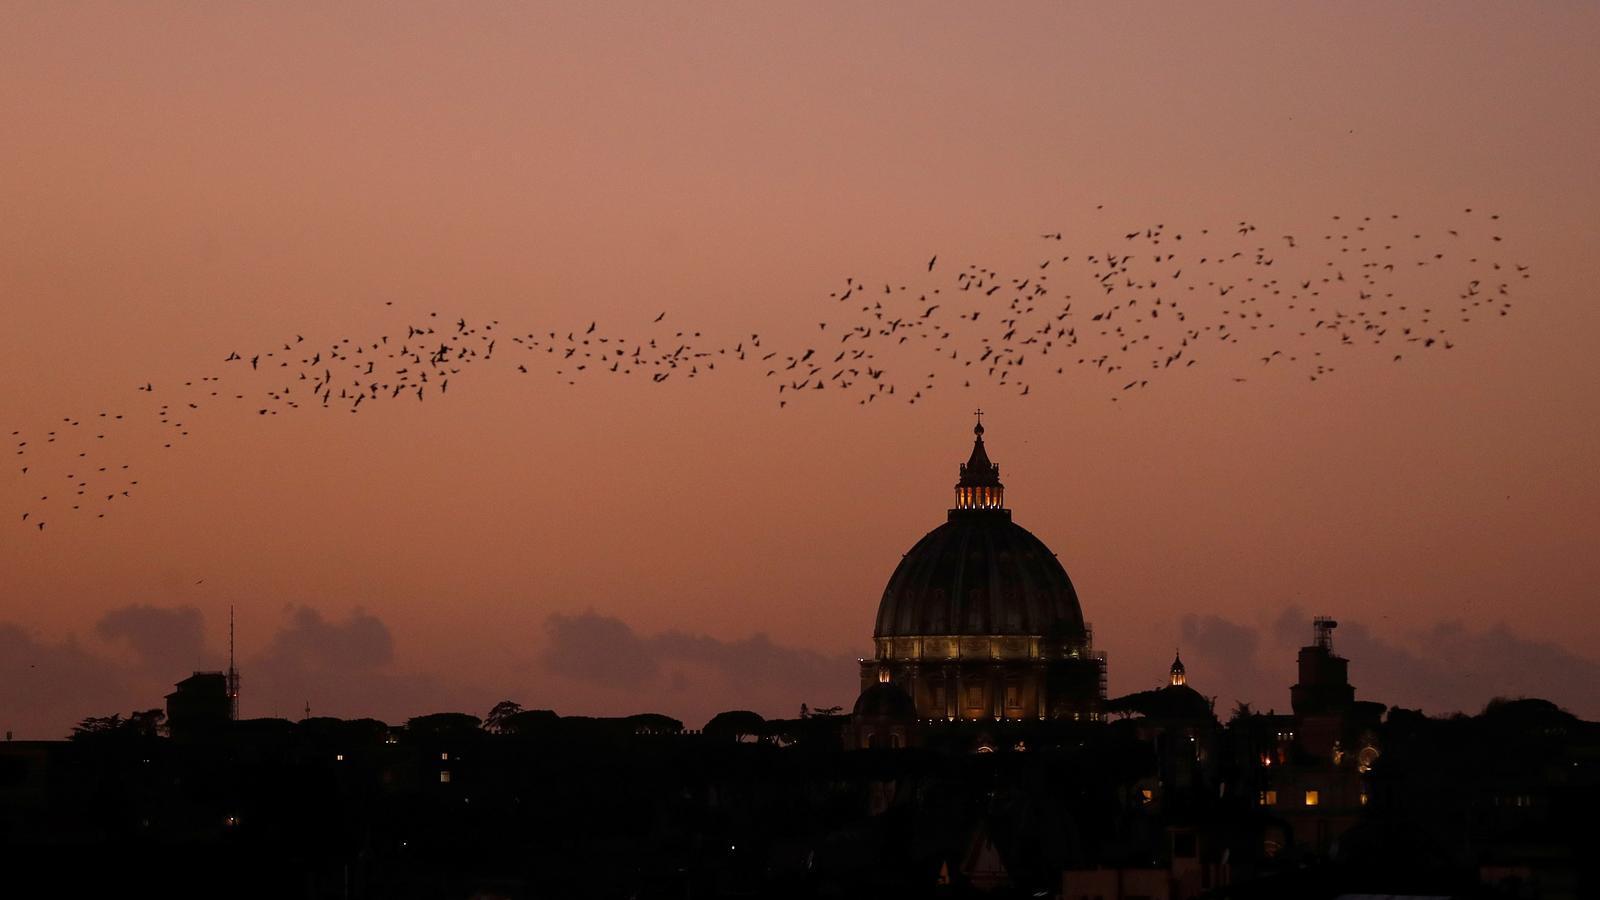 Un grup d'ocells vola per sobre la basílica de Sant Pere a Roma